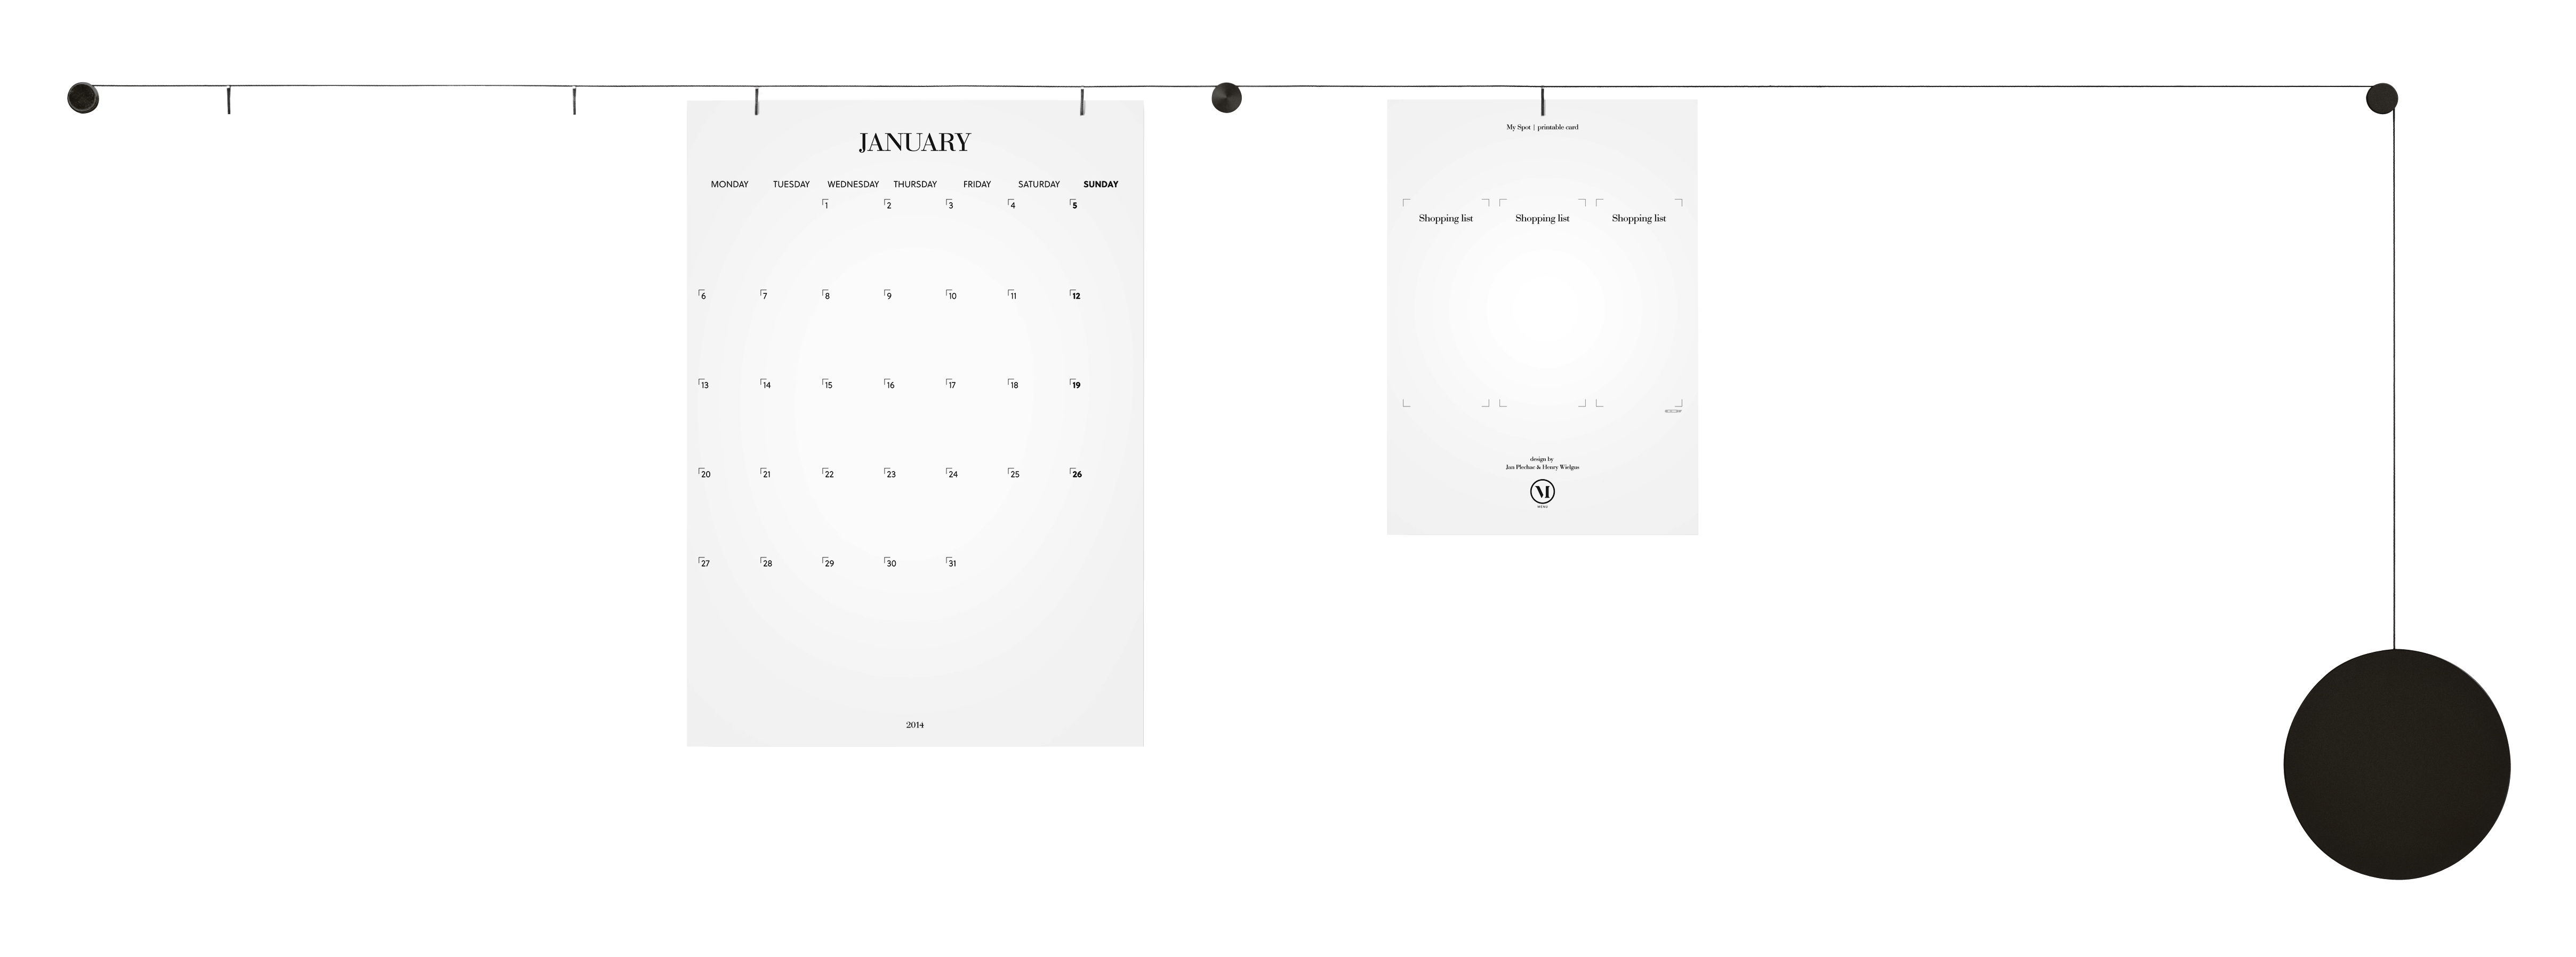 Interni - Promemoria, Calendari & Lavagne - Portafoto My spot - a parete - Cavo regolabile 200 cm di Menu - Nero - Alluminio anodizzato